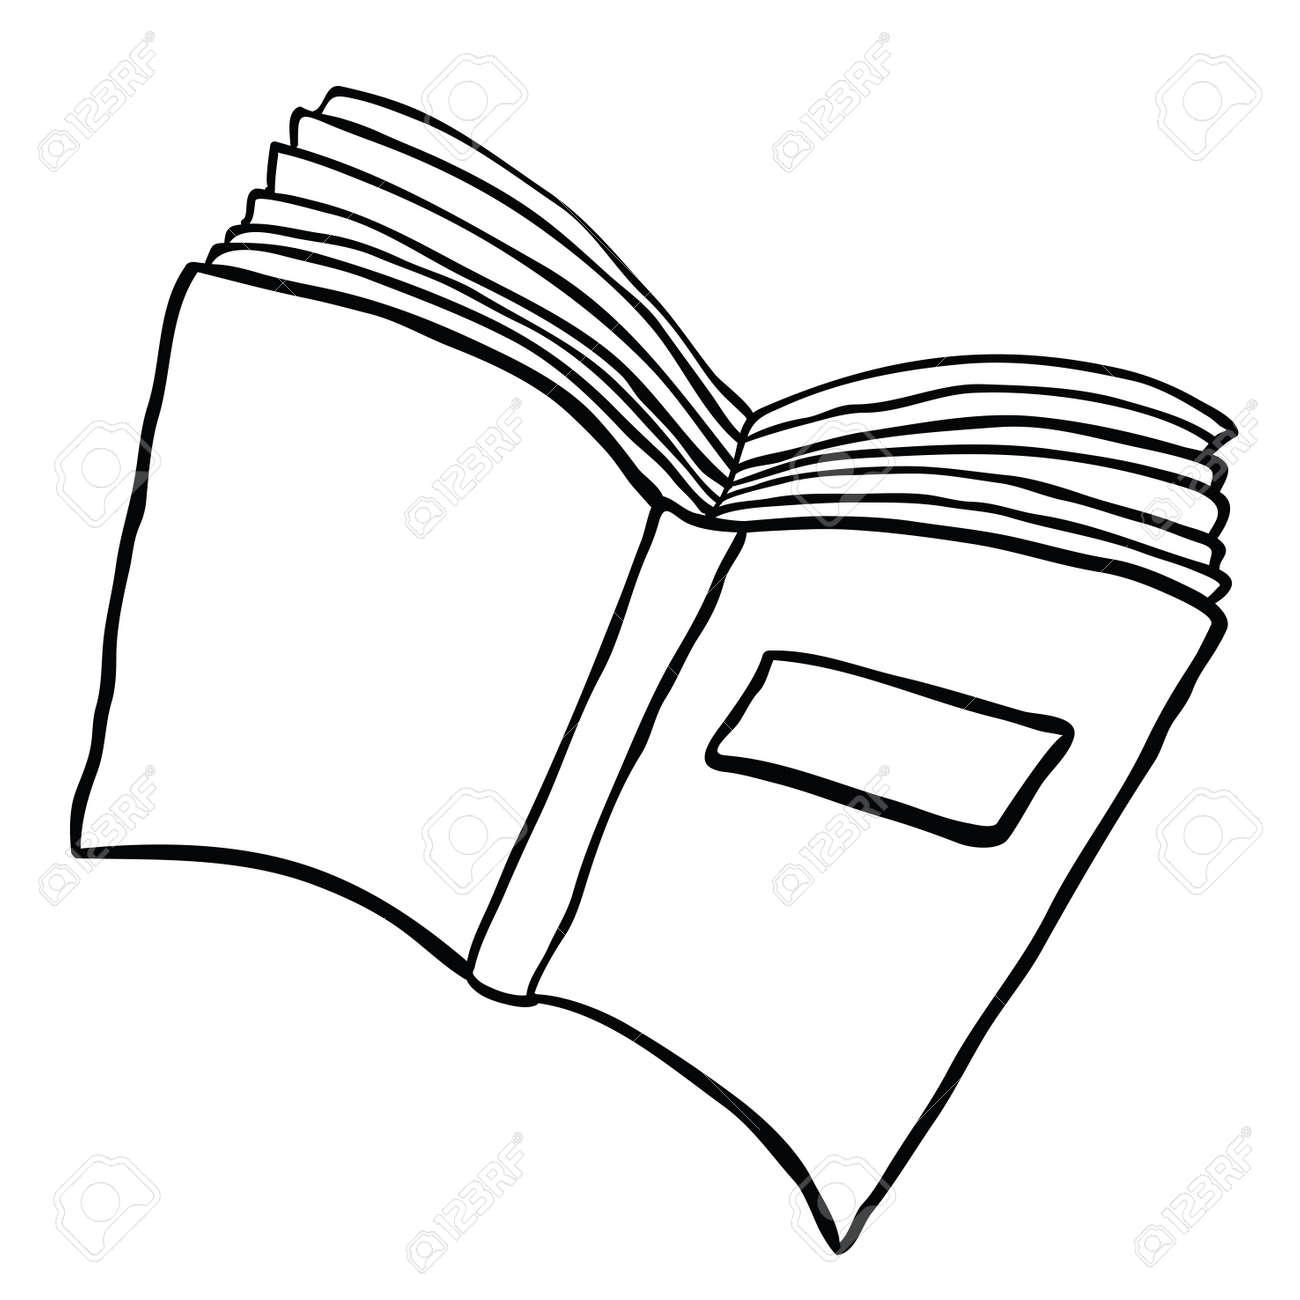 Livre Ouvert Illustration De Dessin Anime Noir Et Blanc Isole Sur Blanc